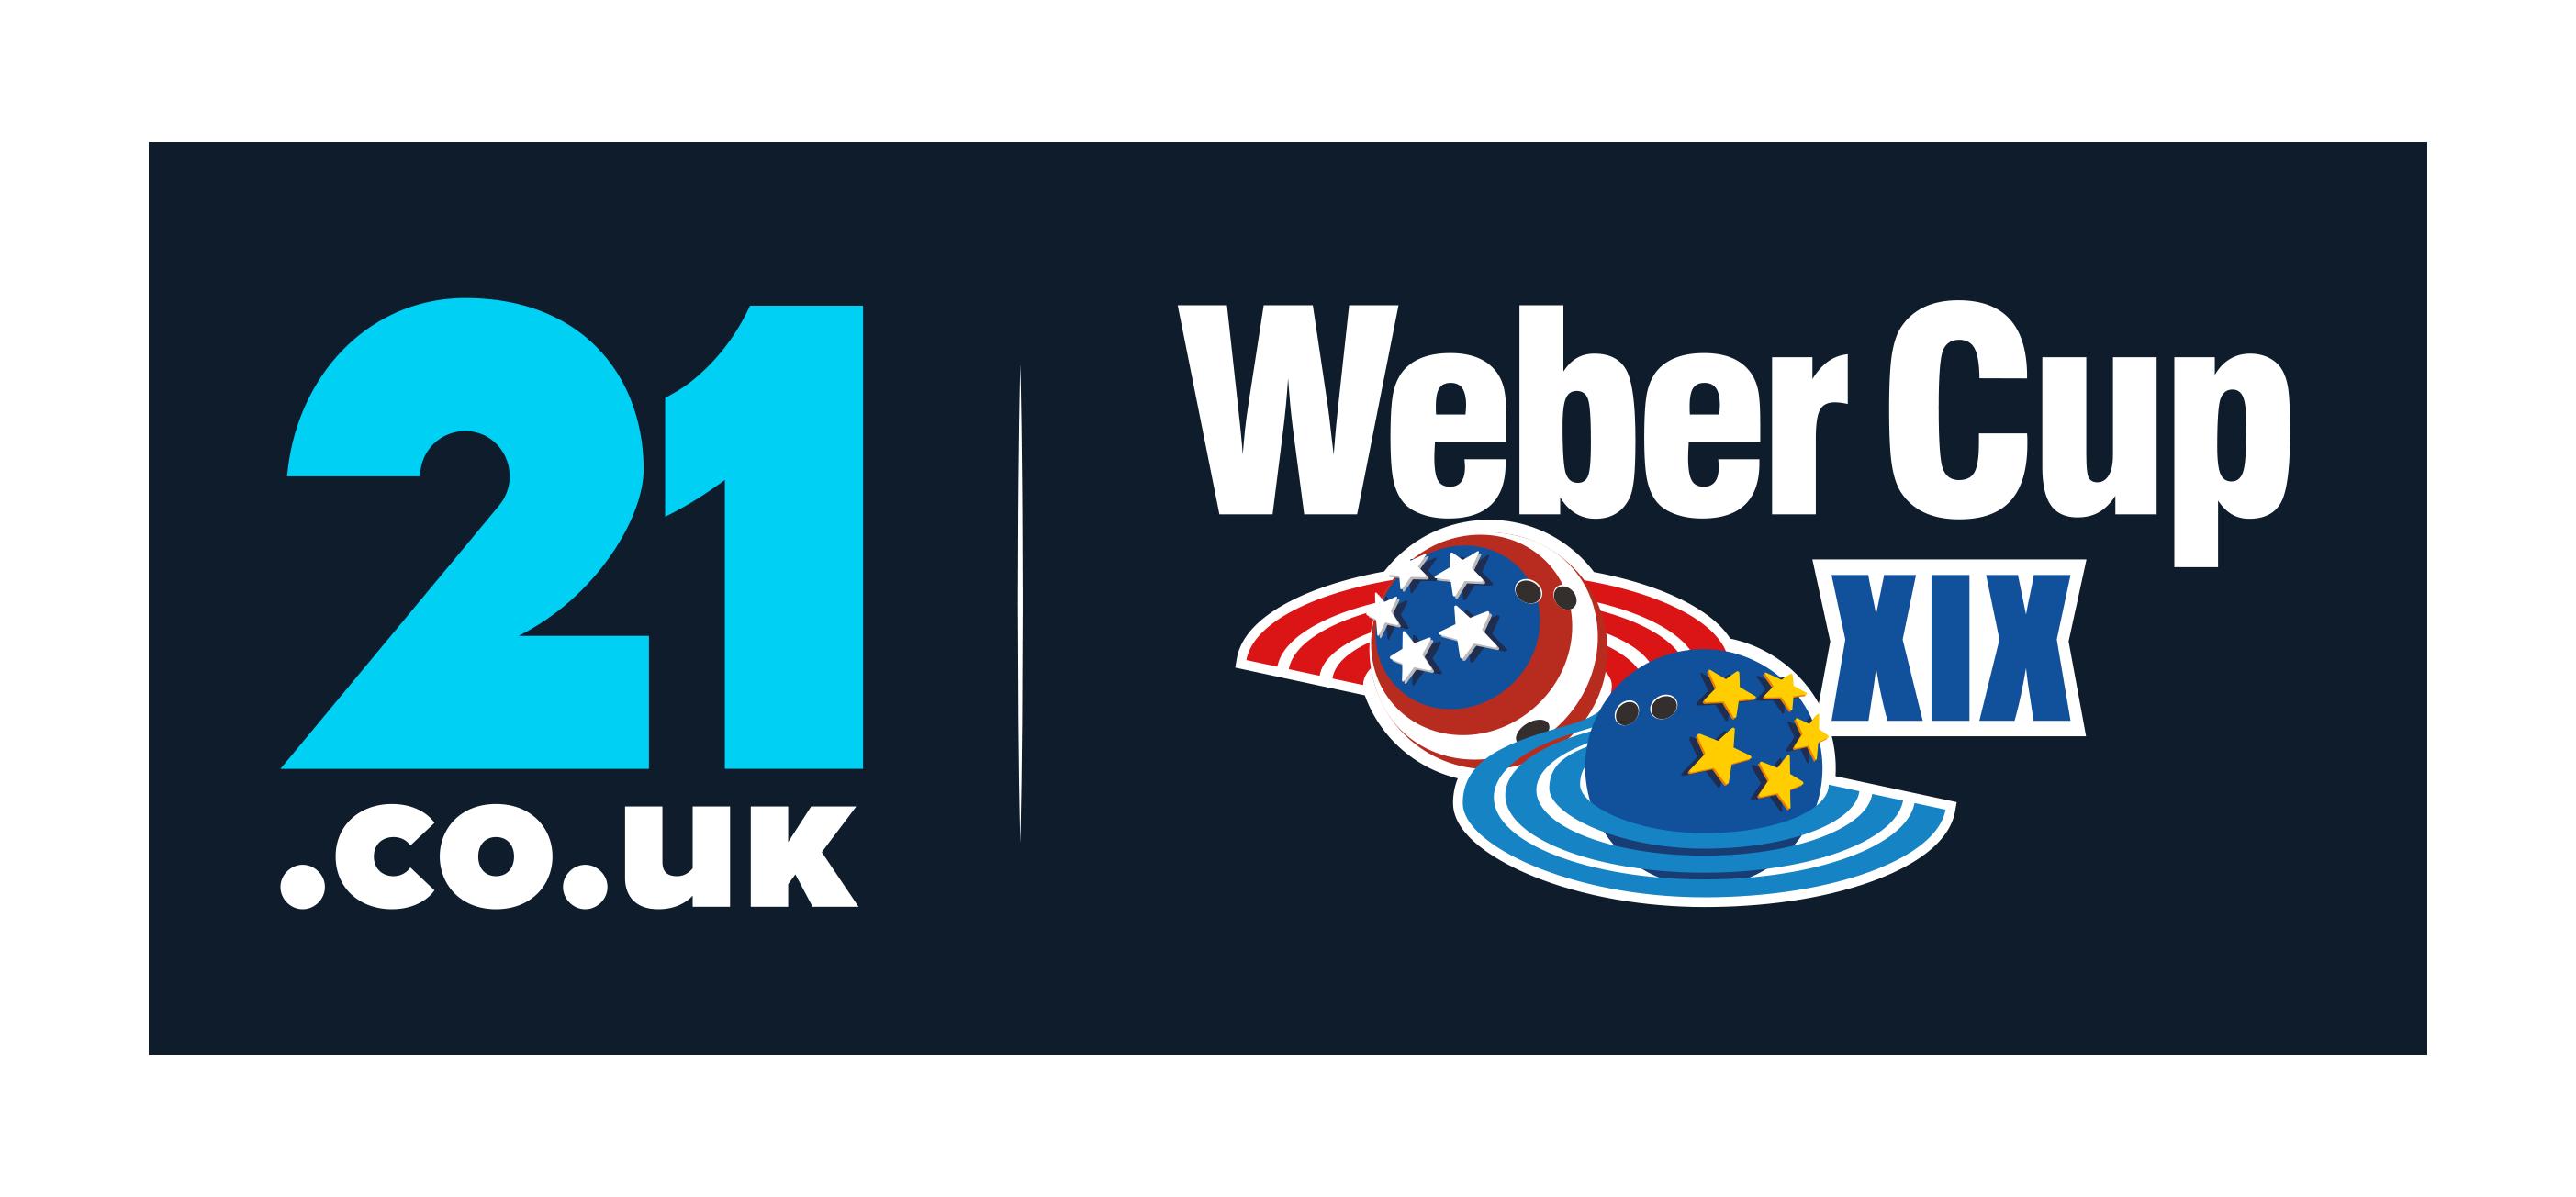 Weber Cup 2018